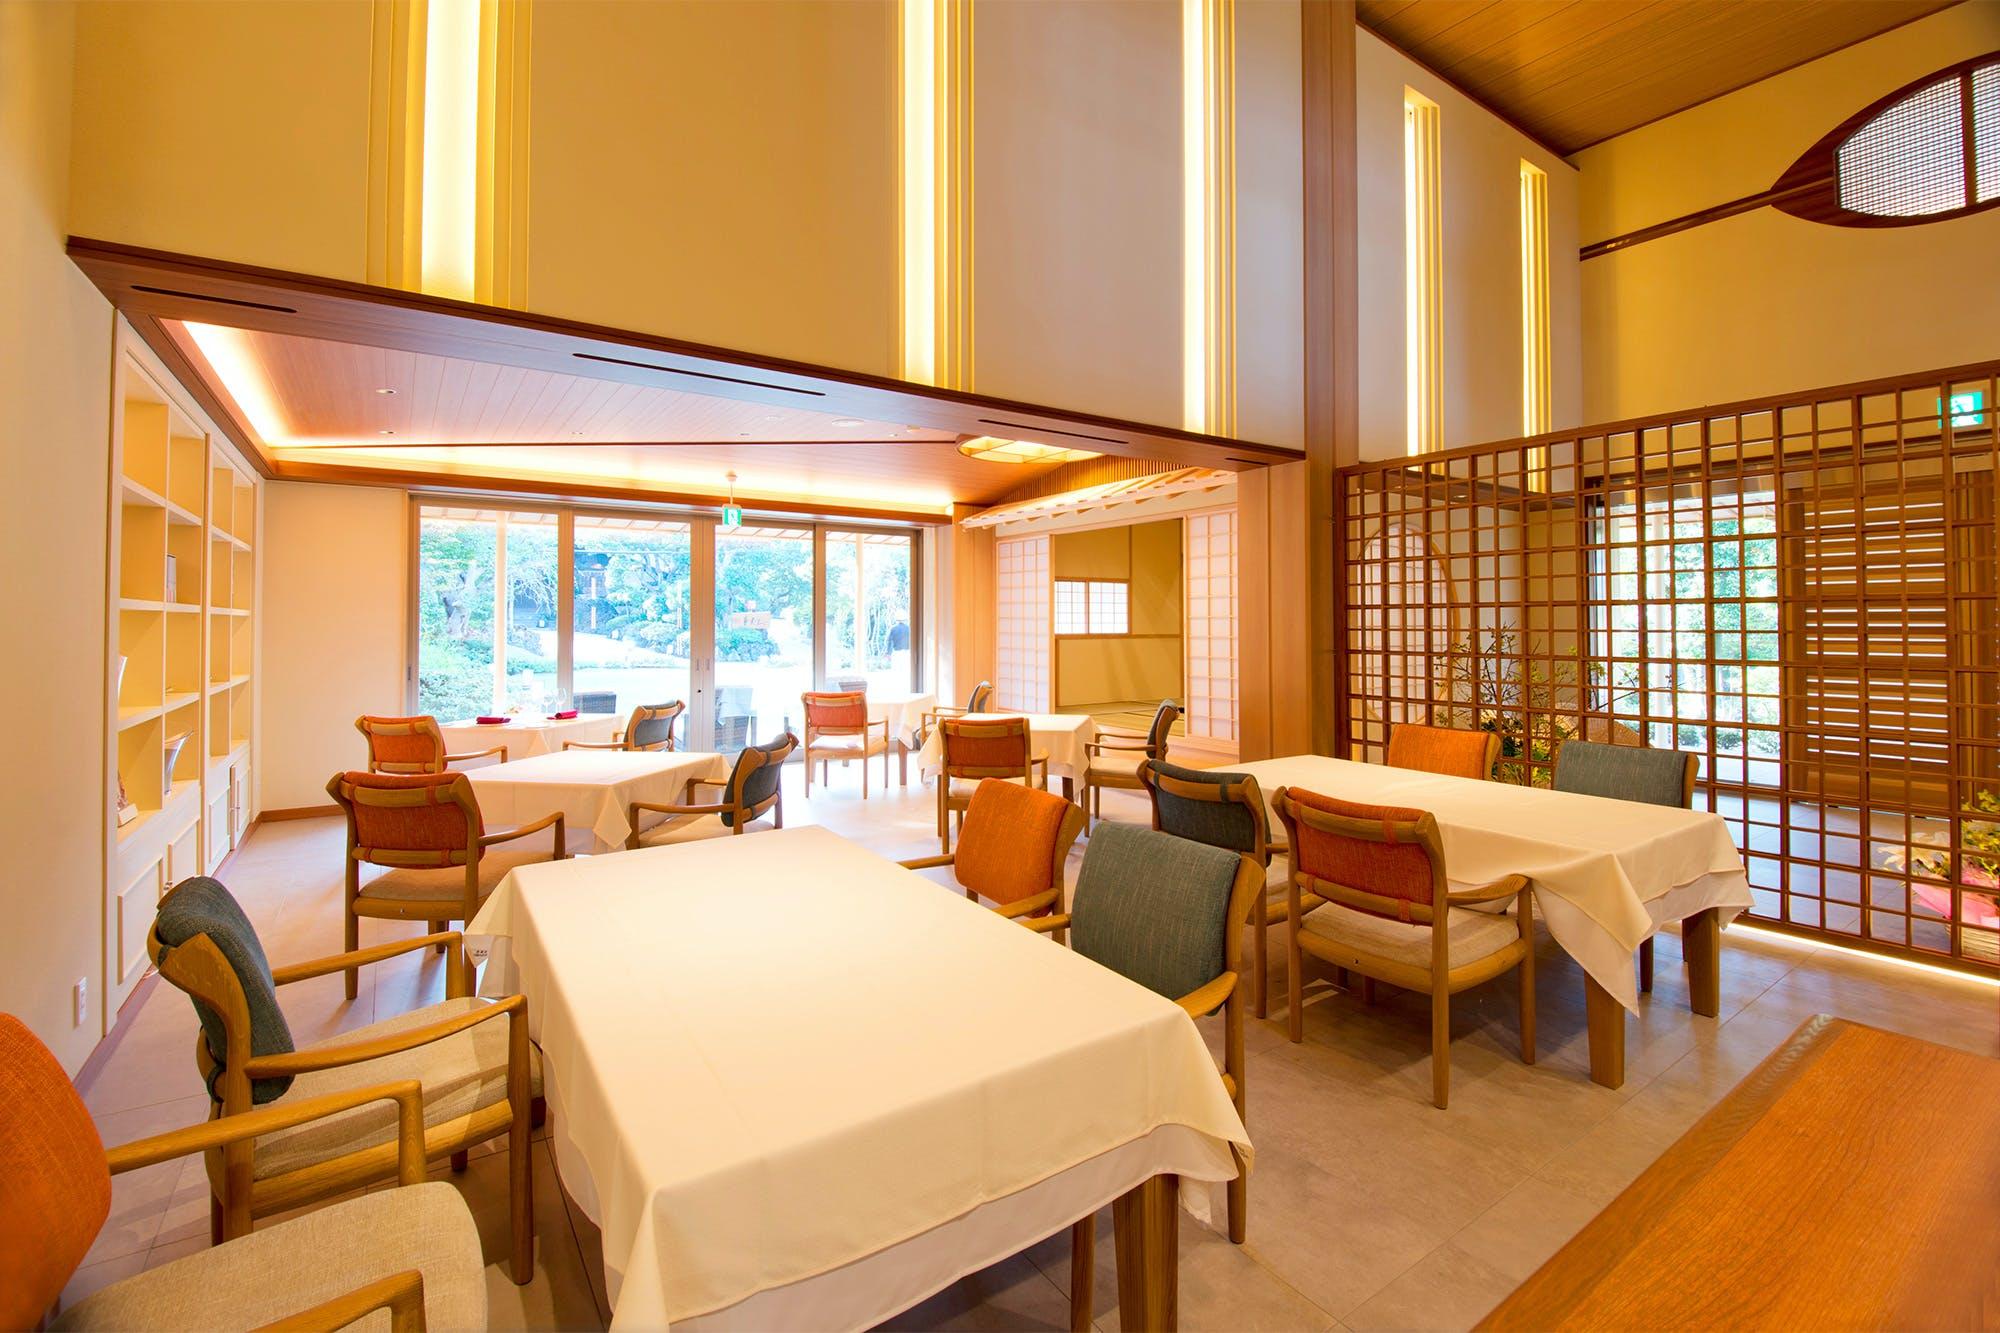 フレンチレストラン やまもも/ABBA RESORTS IZU - 坐漁荘